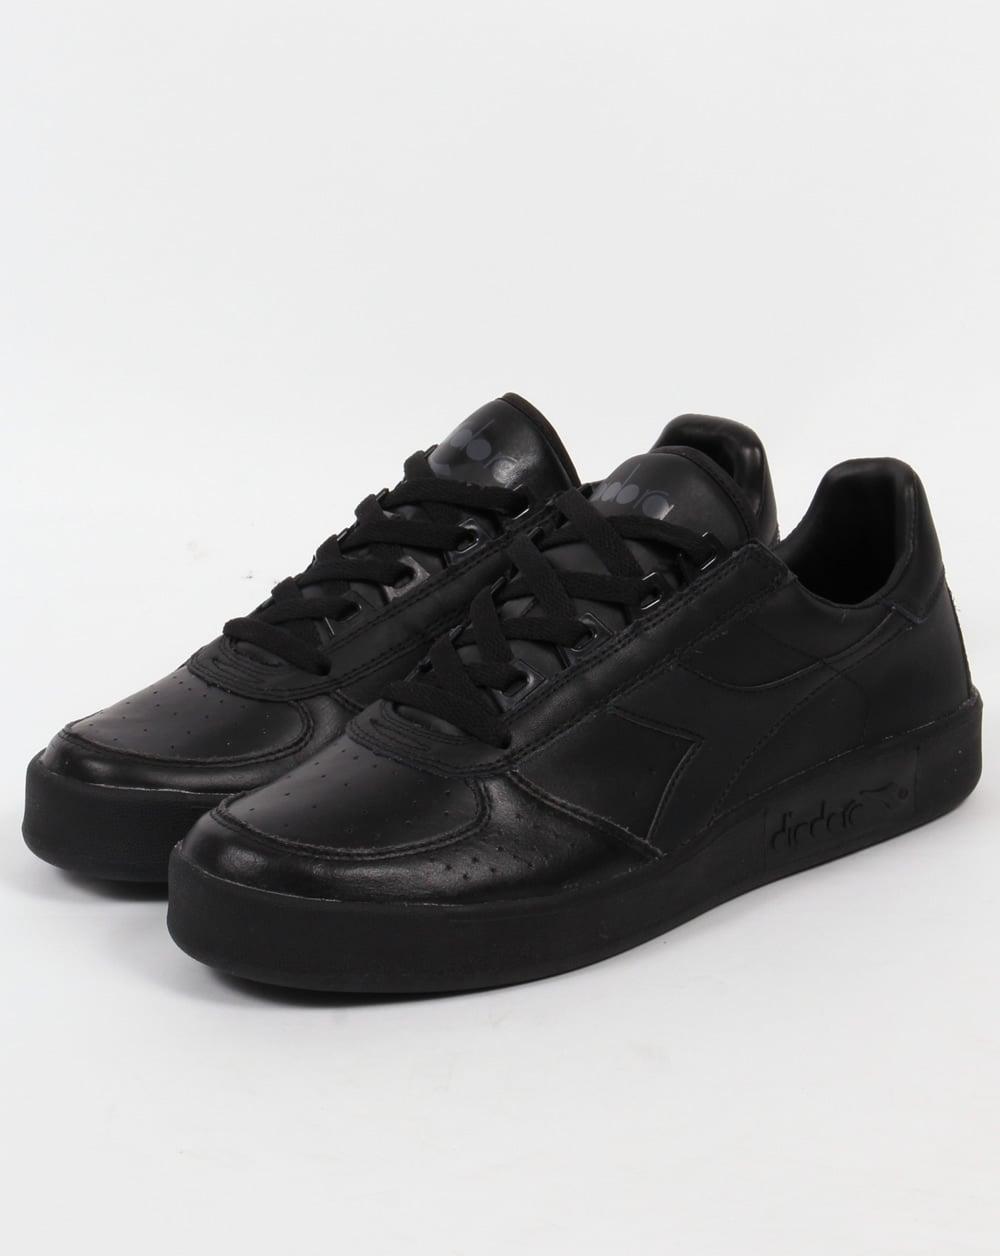 Where Are Diadora Shoes Made